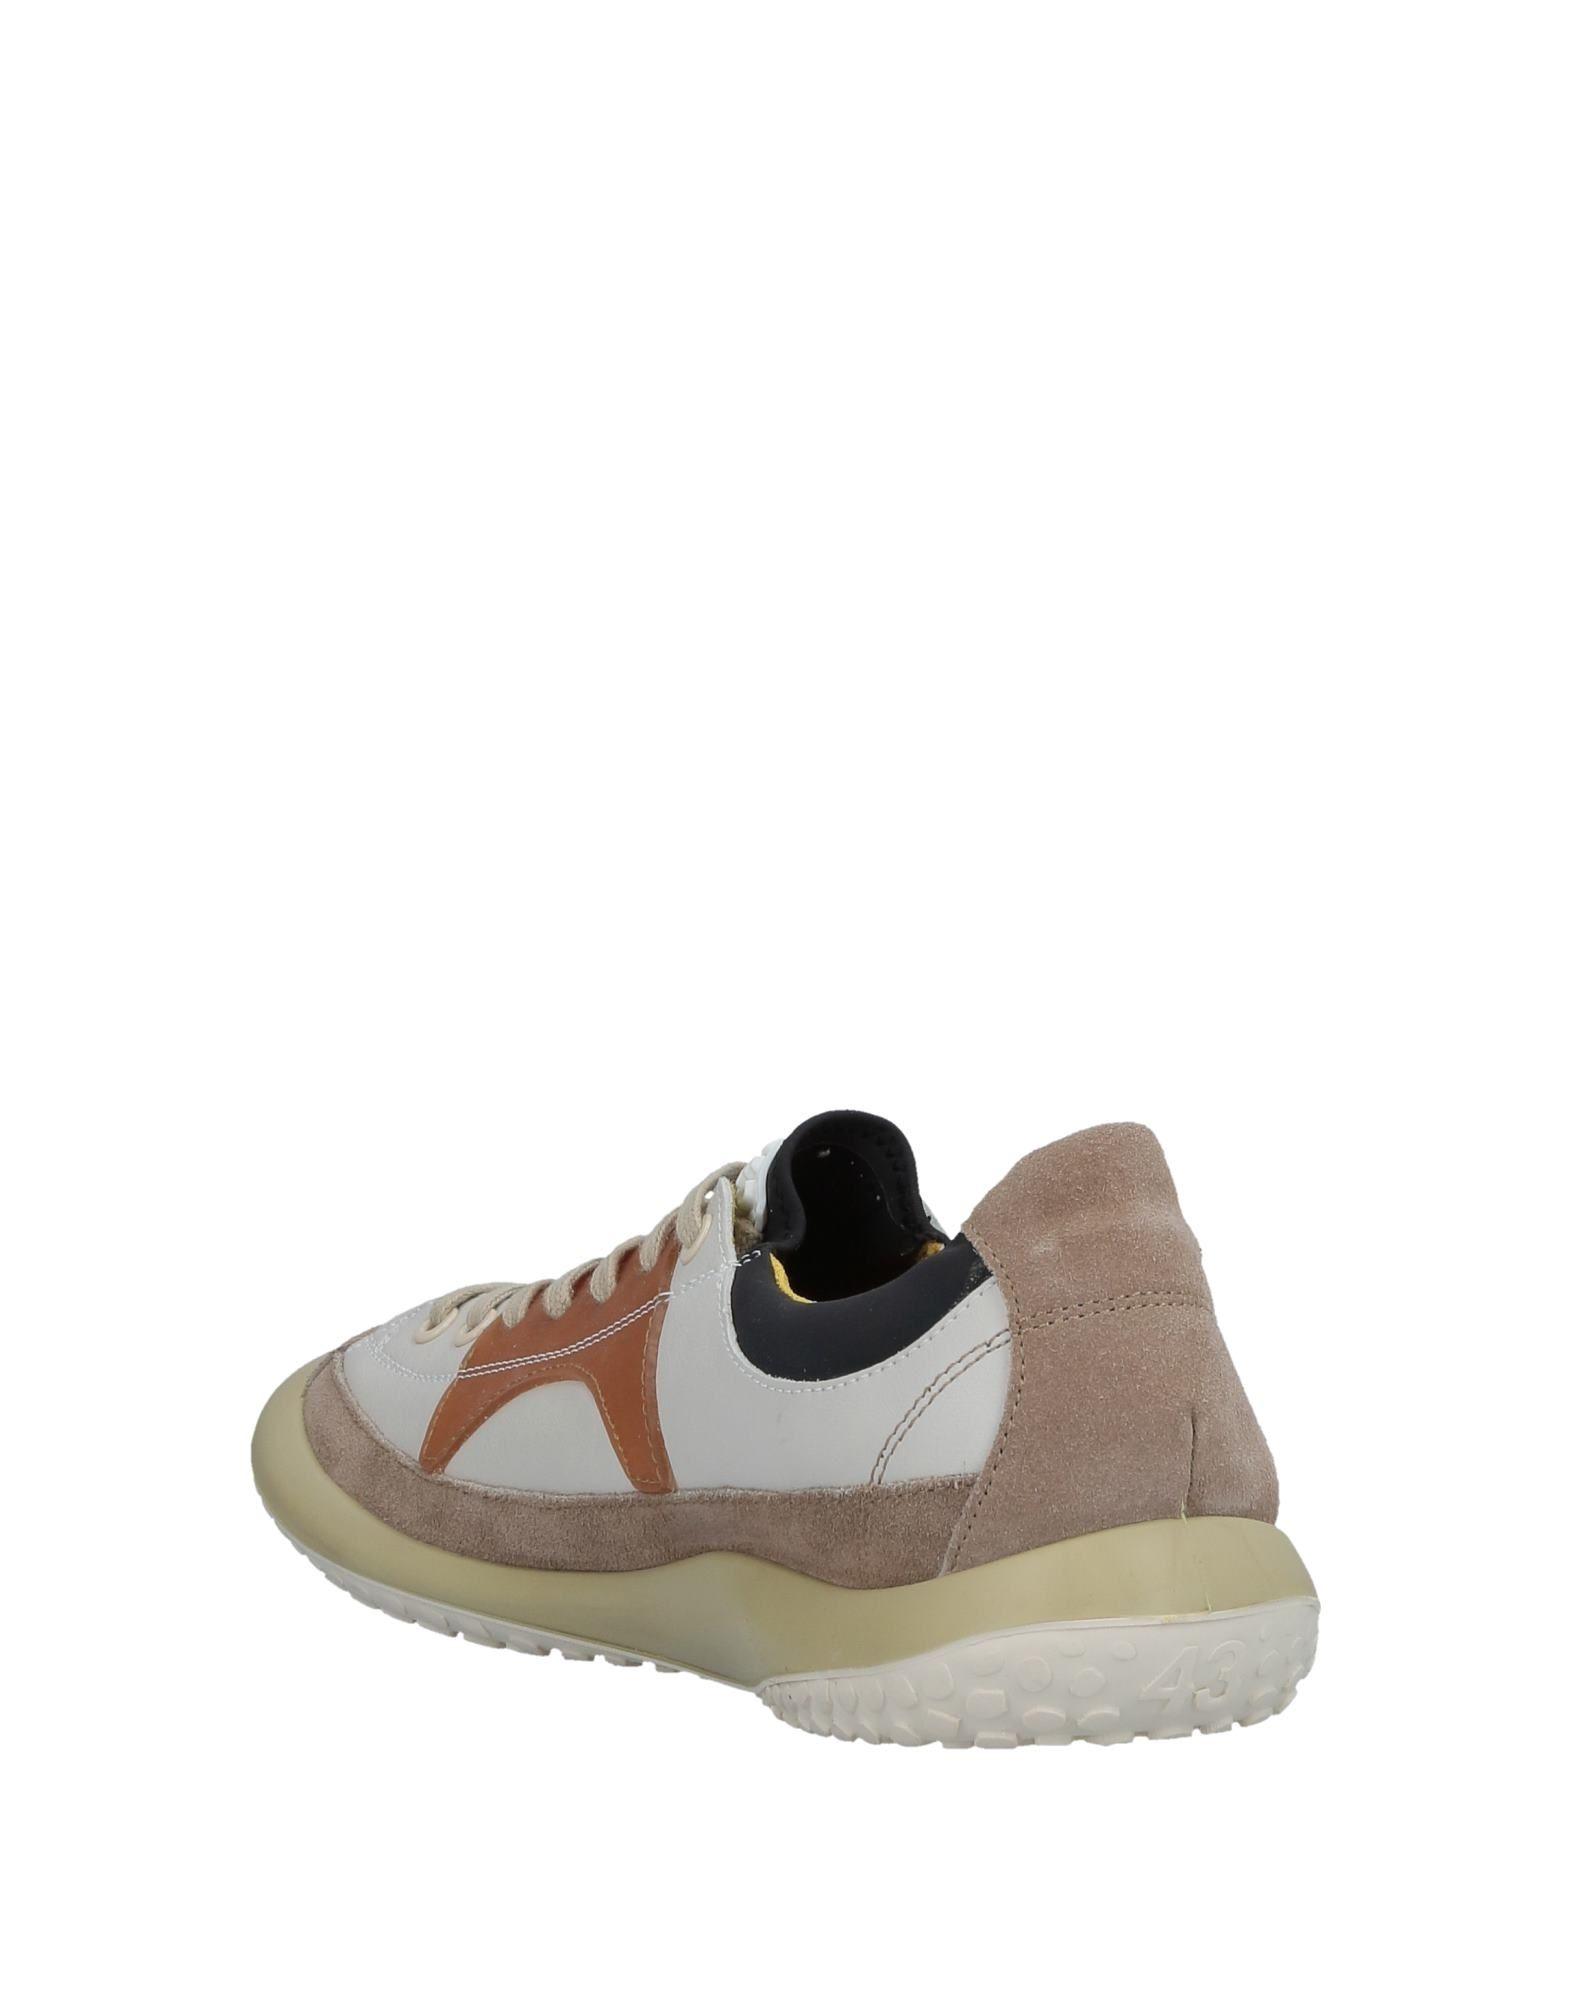 Camper Sneakers Qualität Herren  11525566FC Gute Qualität Sneakers beliebte Schuhe e75a80